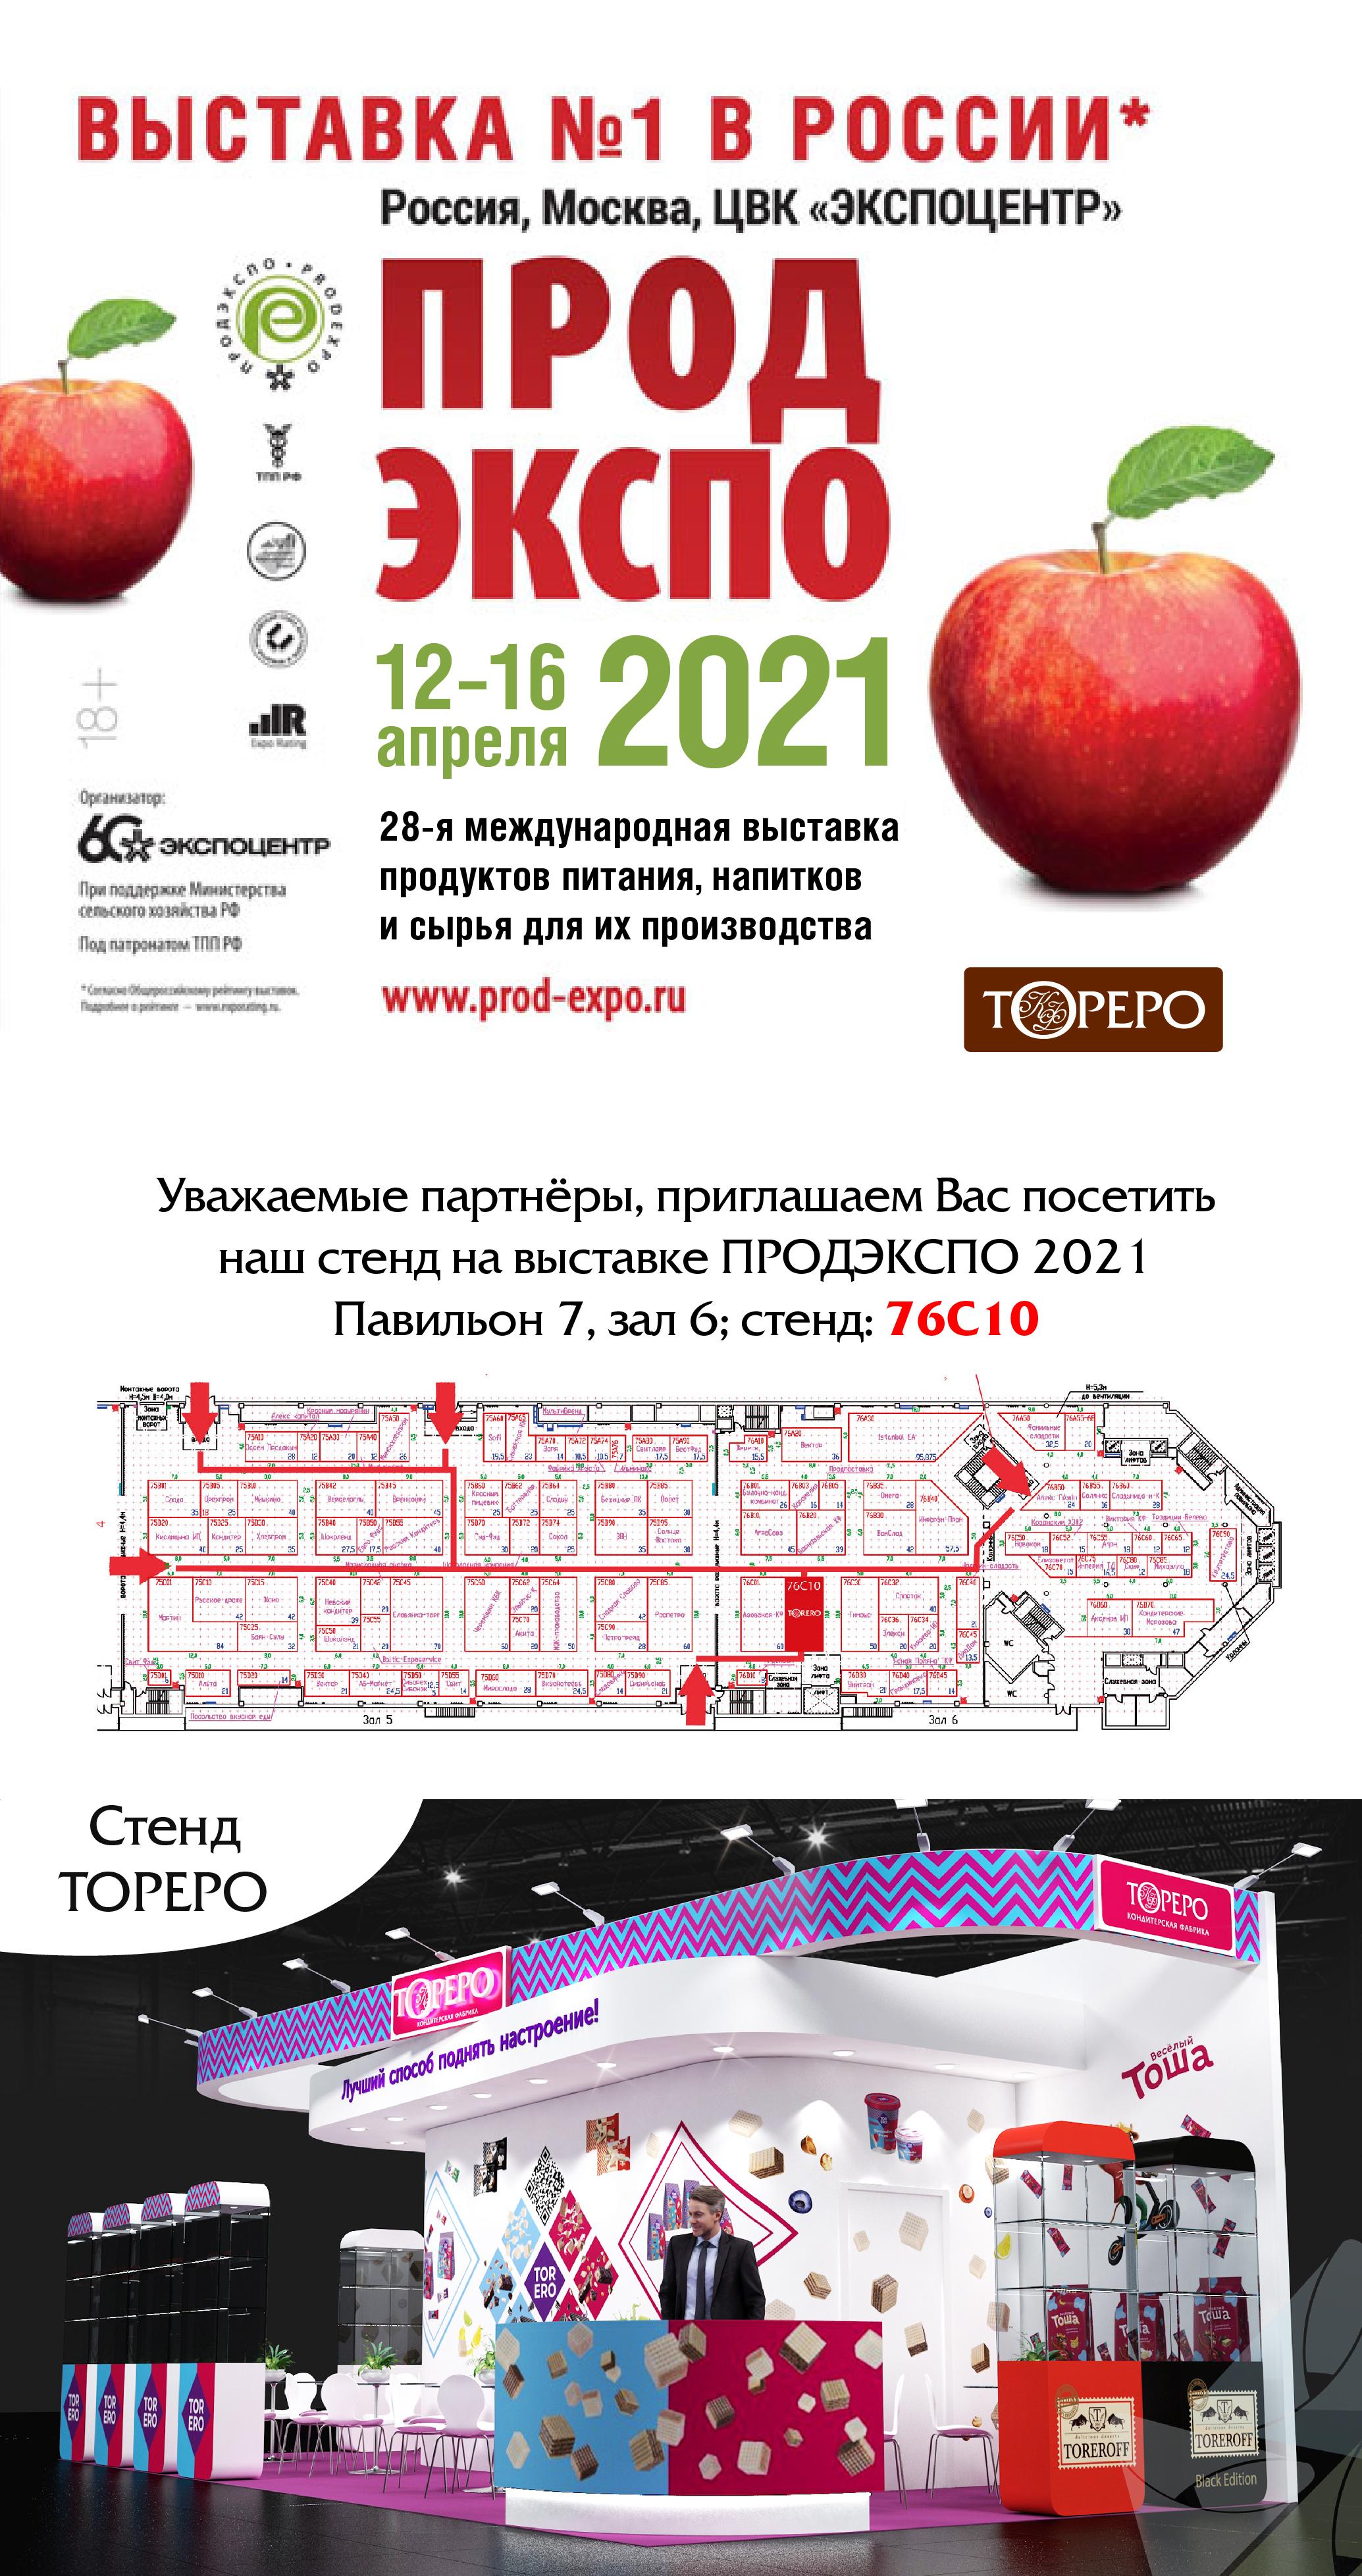 Кондитерская фабрика «ТОРЕРО» на выставке ПРОДЭКСПО 2021